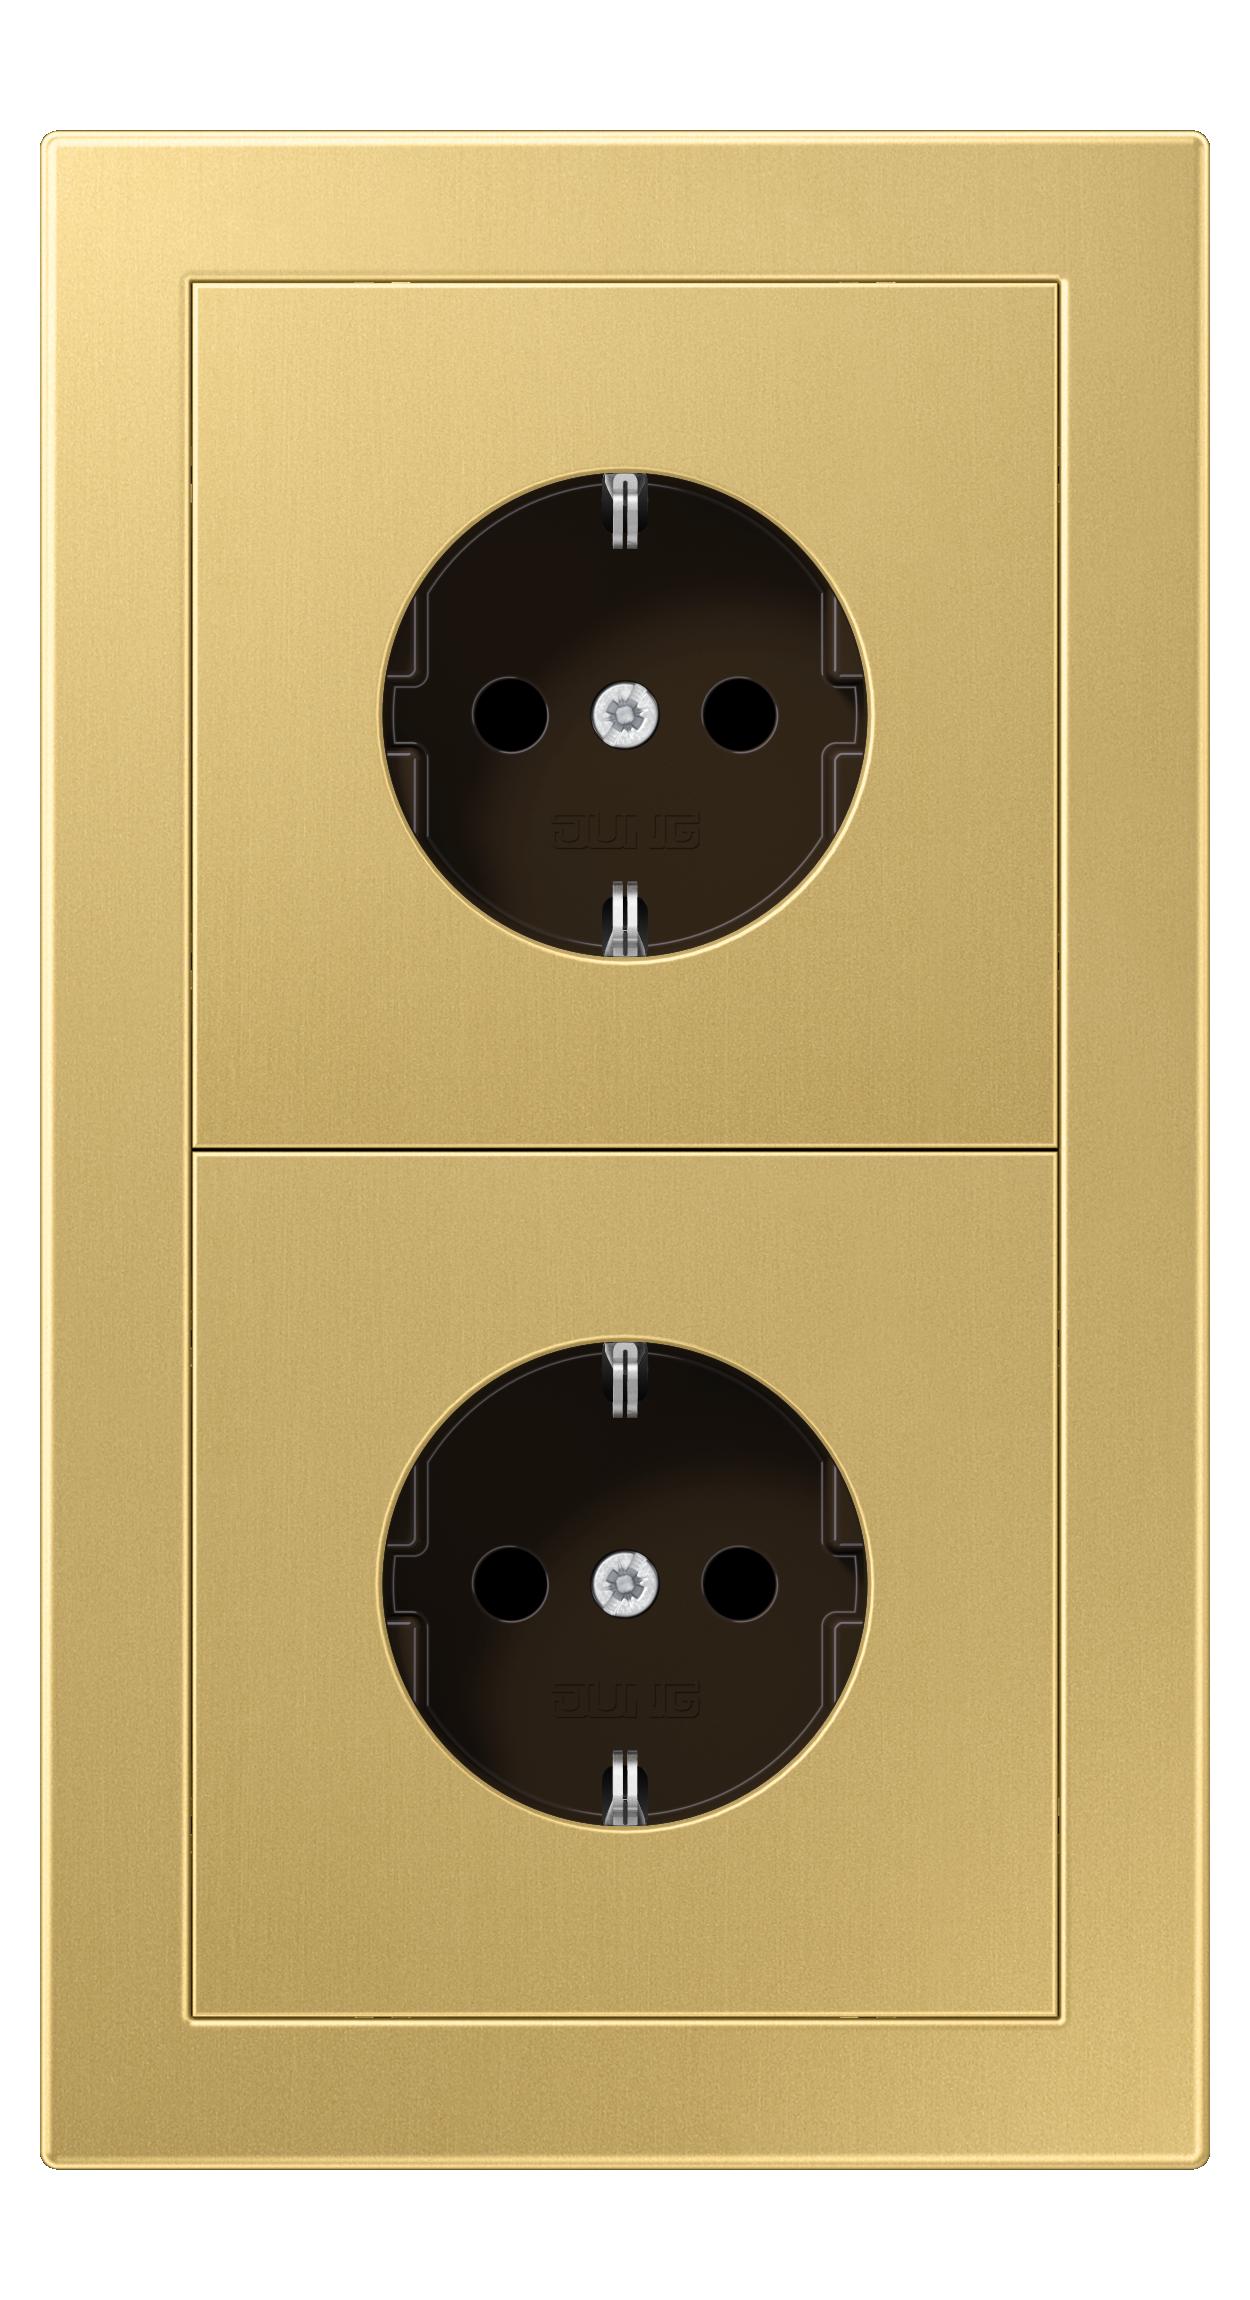 JUNG_LS_Design_classic_brass_socket-socket